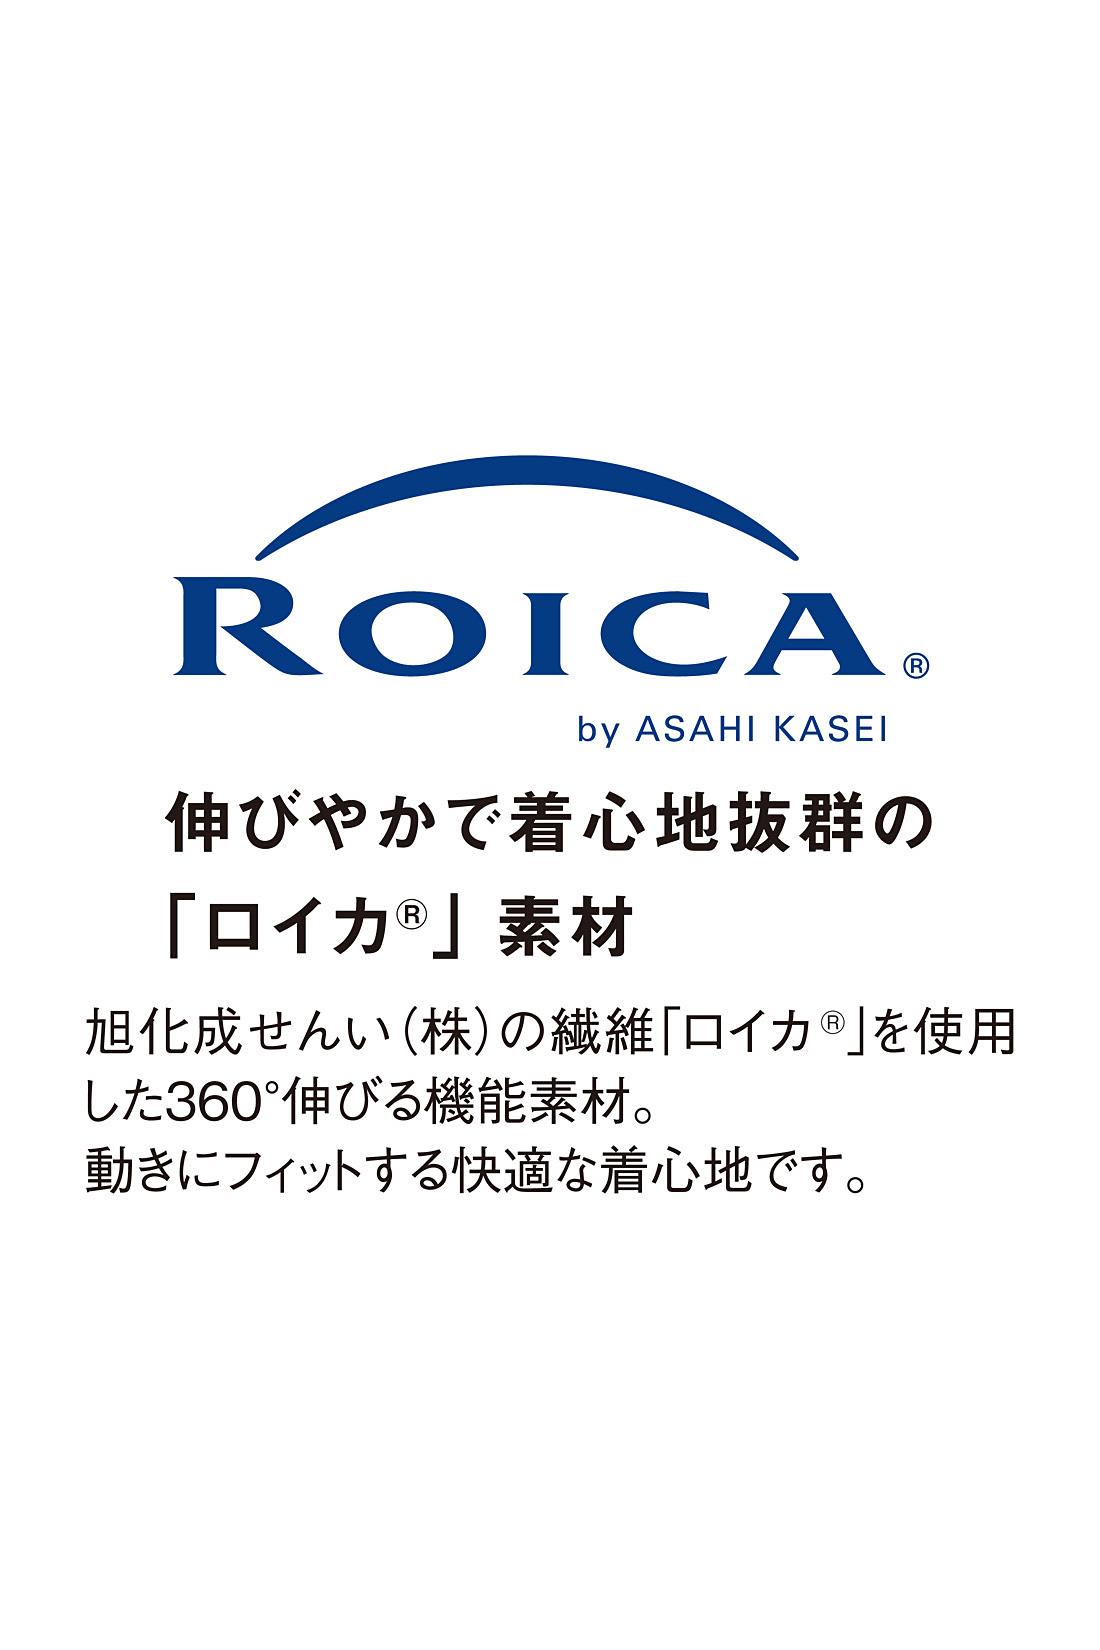 伸びやかで着心地抜群の「ロイカ(R)」 素材旭化成せんい(株)の繊維「ロイカ(R)」を使用した360°伸びる機能素材。動きにフィットする快適な着心地です。